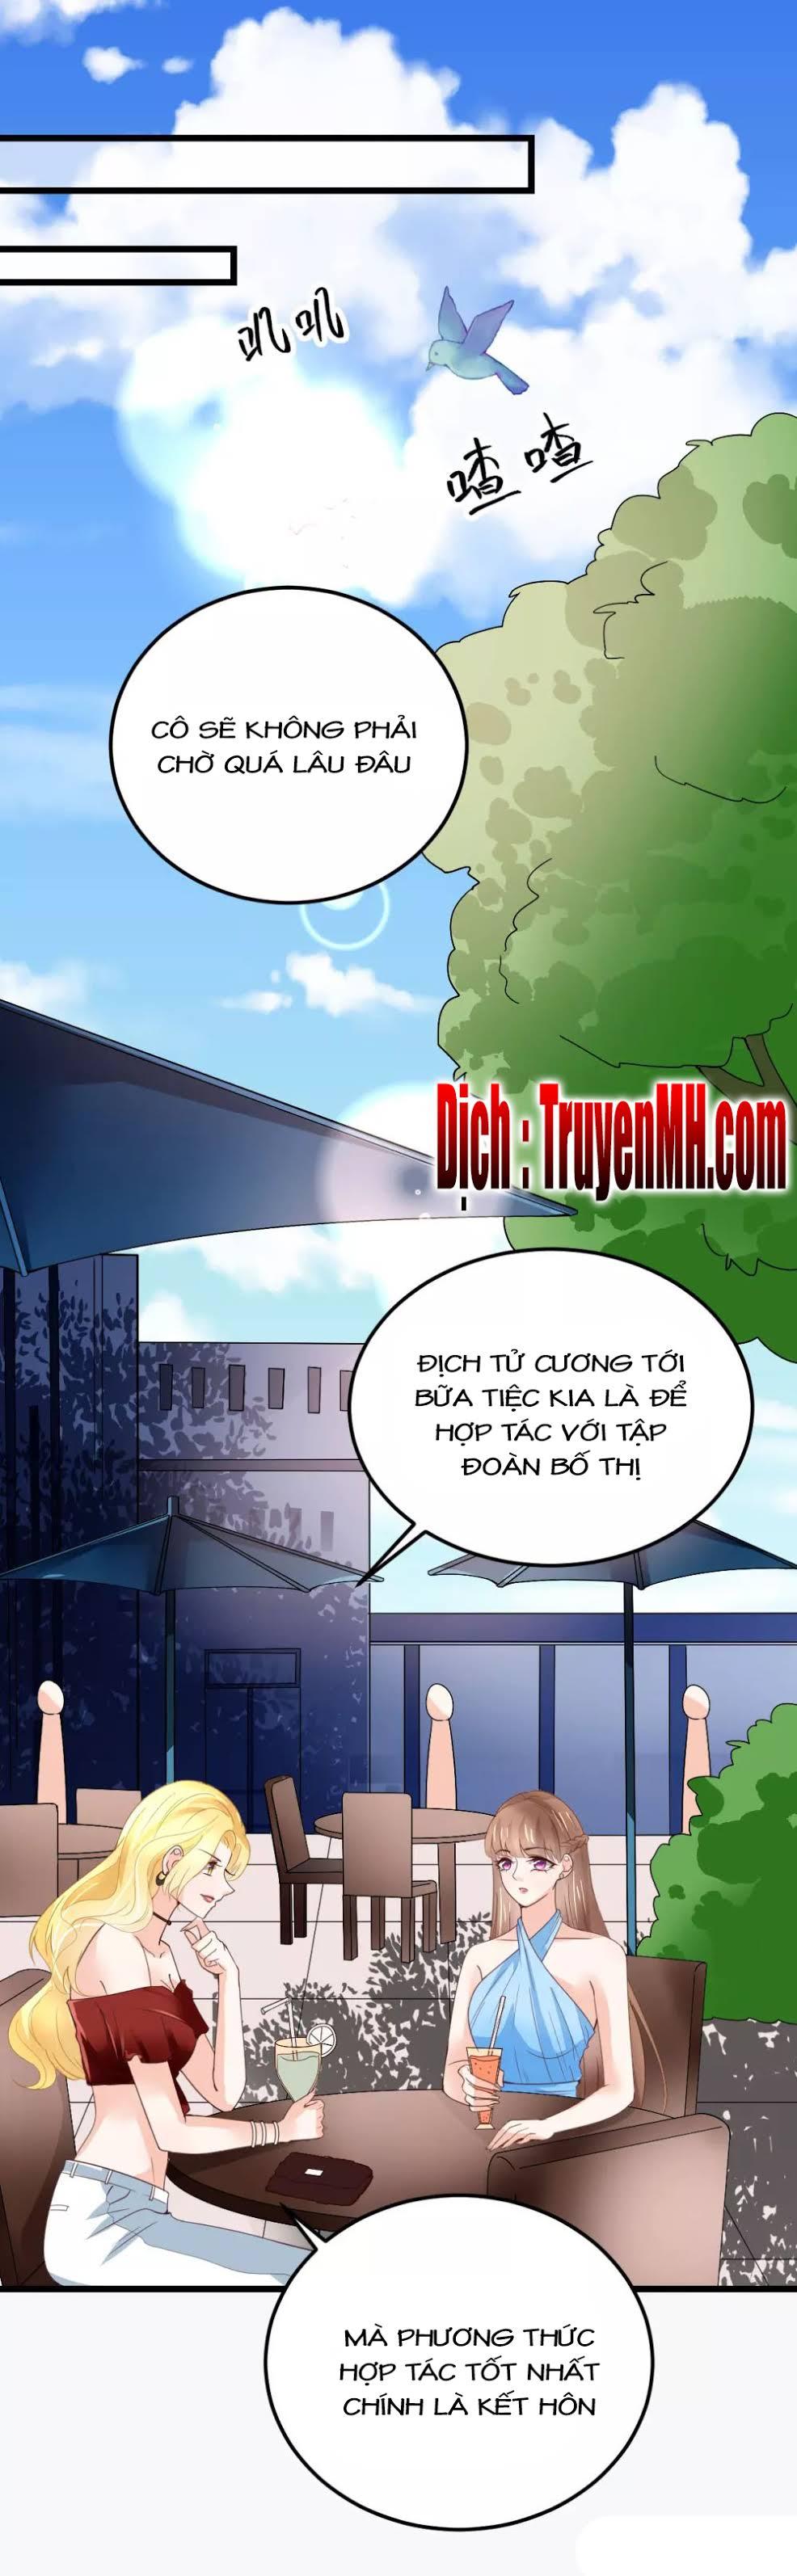 Cường Thế Tù Ái - Địch Thiếu Đừng Xằng Bậy chap 28 - Trang 13